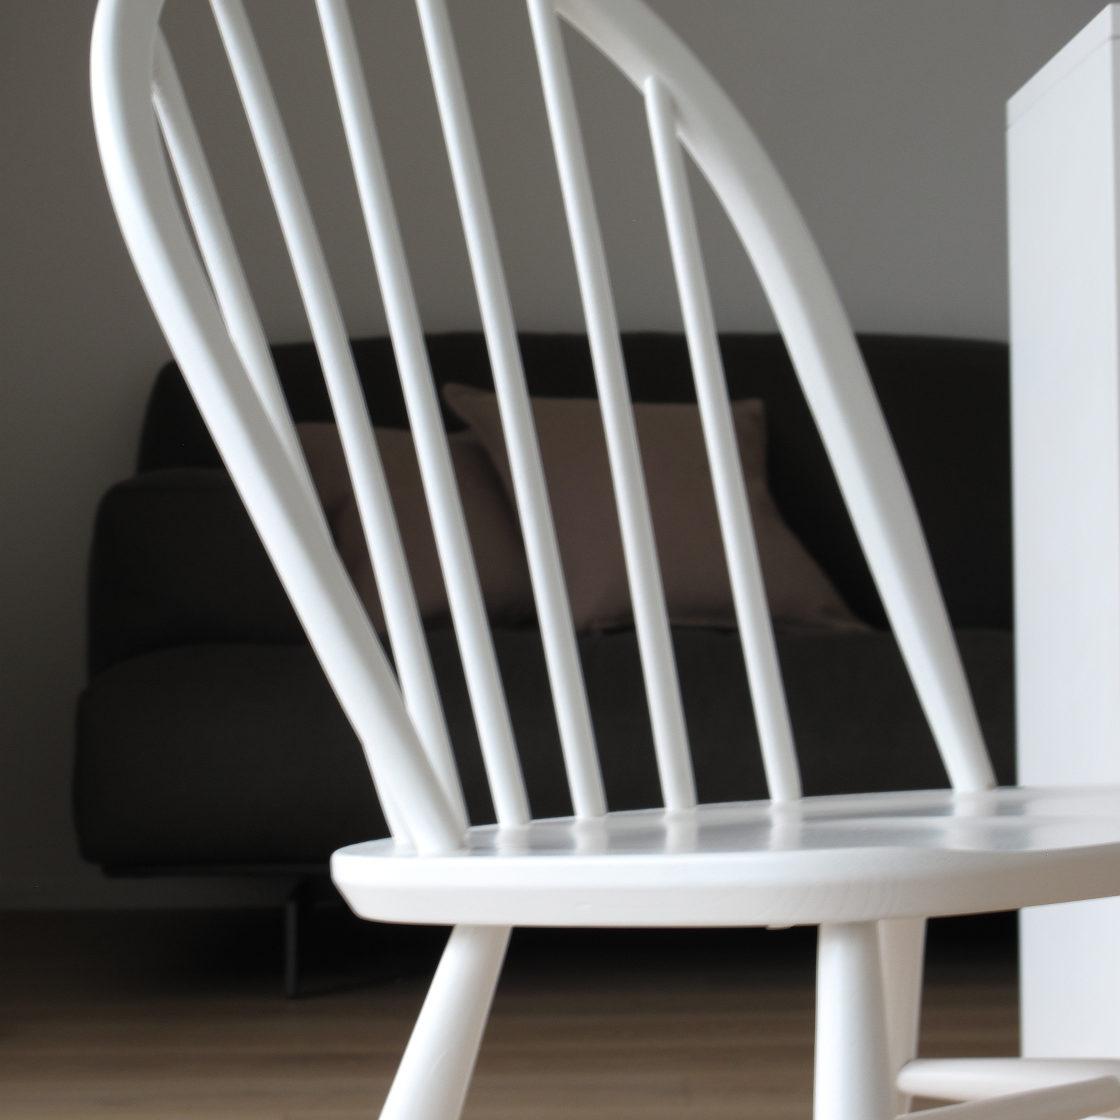 windsor stuhl stunning ebay with windsor stuhl windsor stuhl antik with windsor stuhl elegant. Black Bedroom Furniture Sets. Home Design Ideas